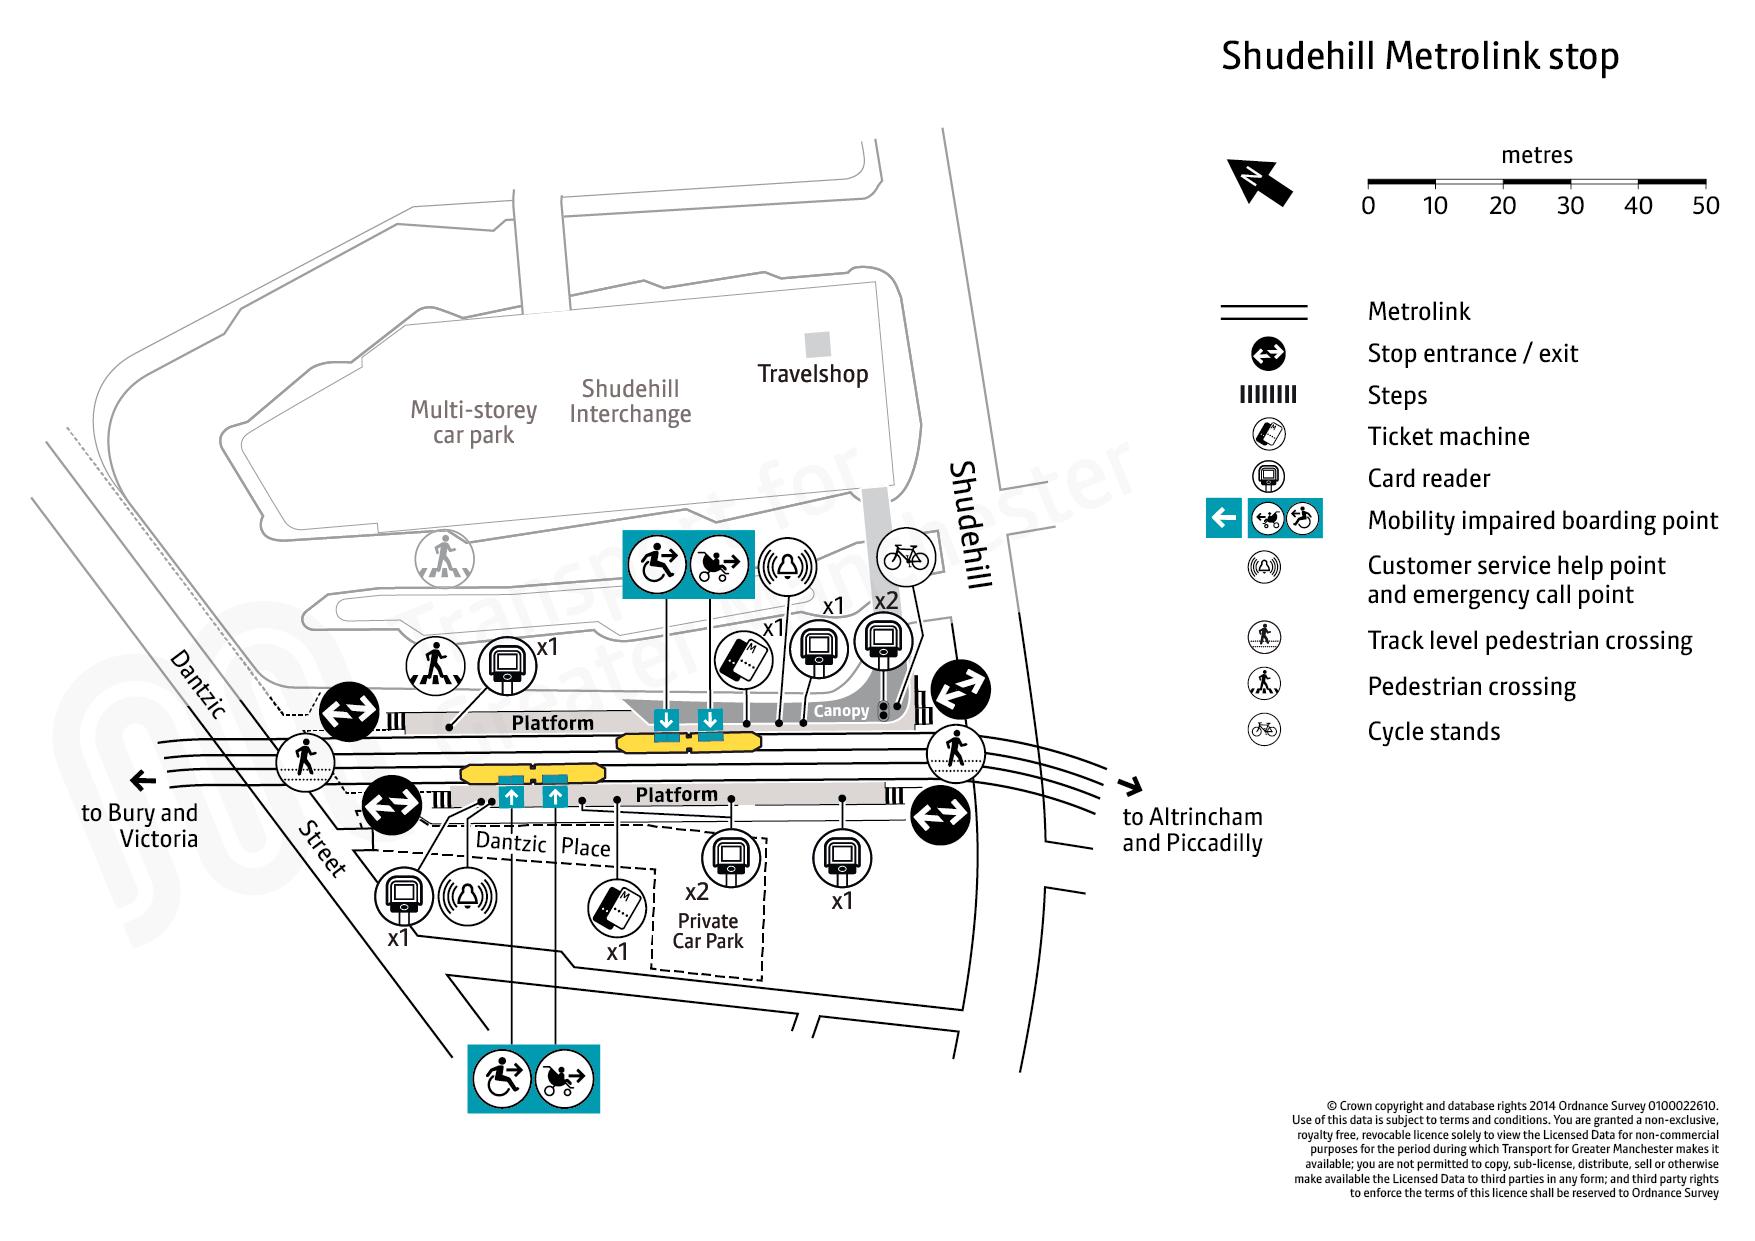 Stop map for Shudehill tram stop